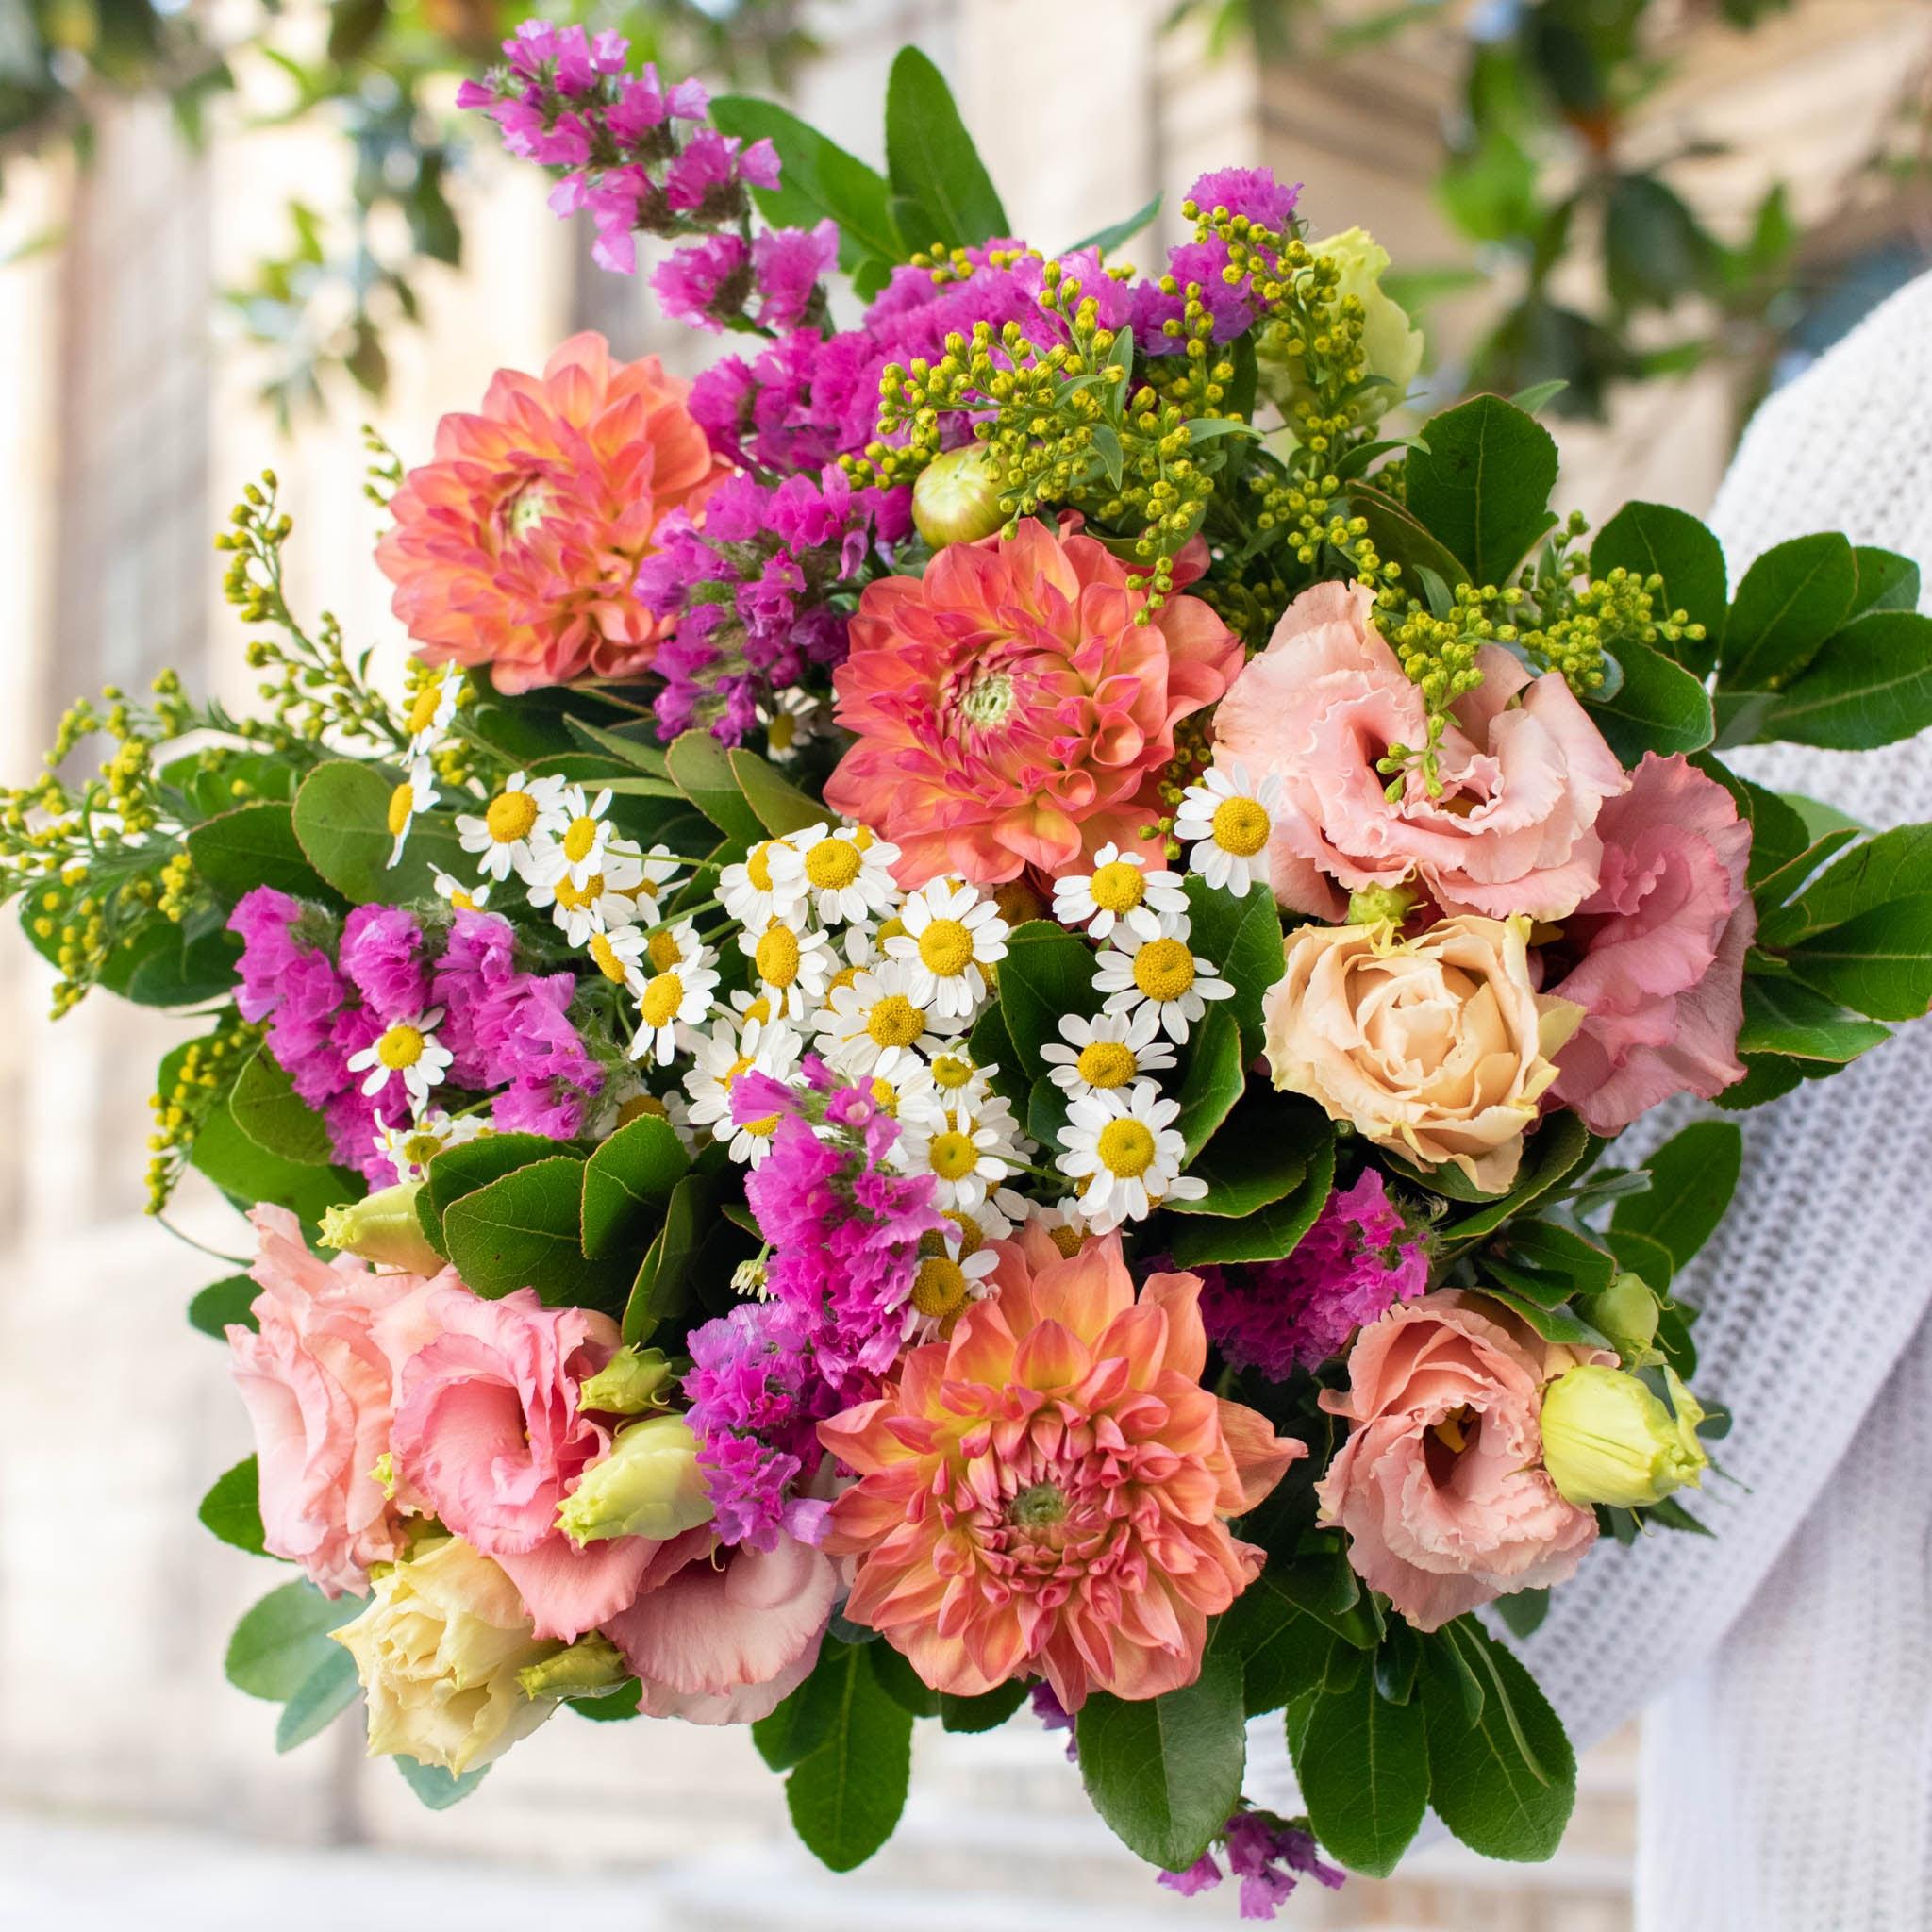 """Blumenstrauß Mundaka - Innerhalb der nächsten zwei Wochen spenden wir pro verkauftem Blumenstrauß 2€ an """"Aktion Deutschland hilft"""" und die Betroffenen der Hochwasser-Katastrophe."""